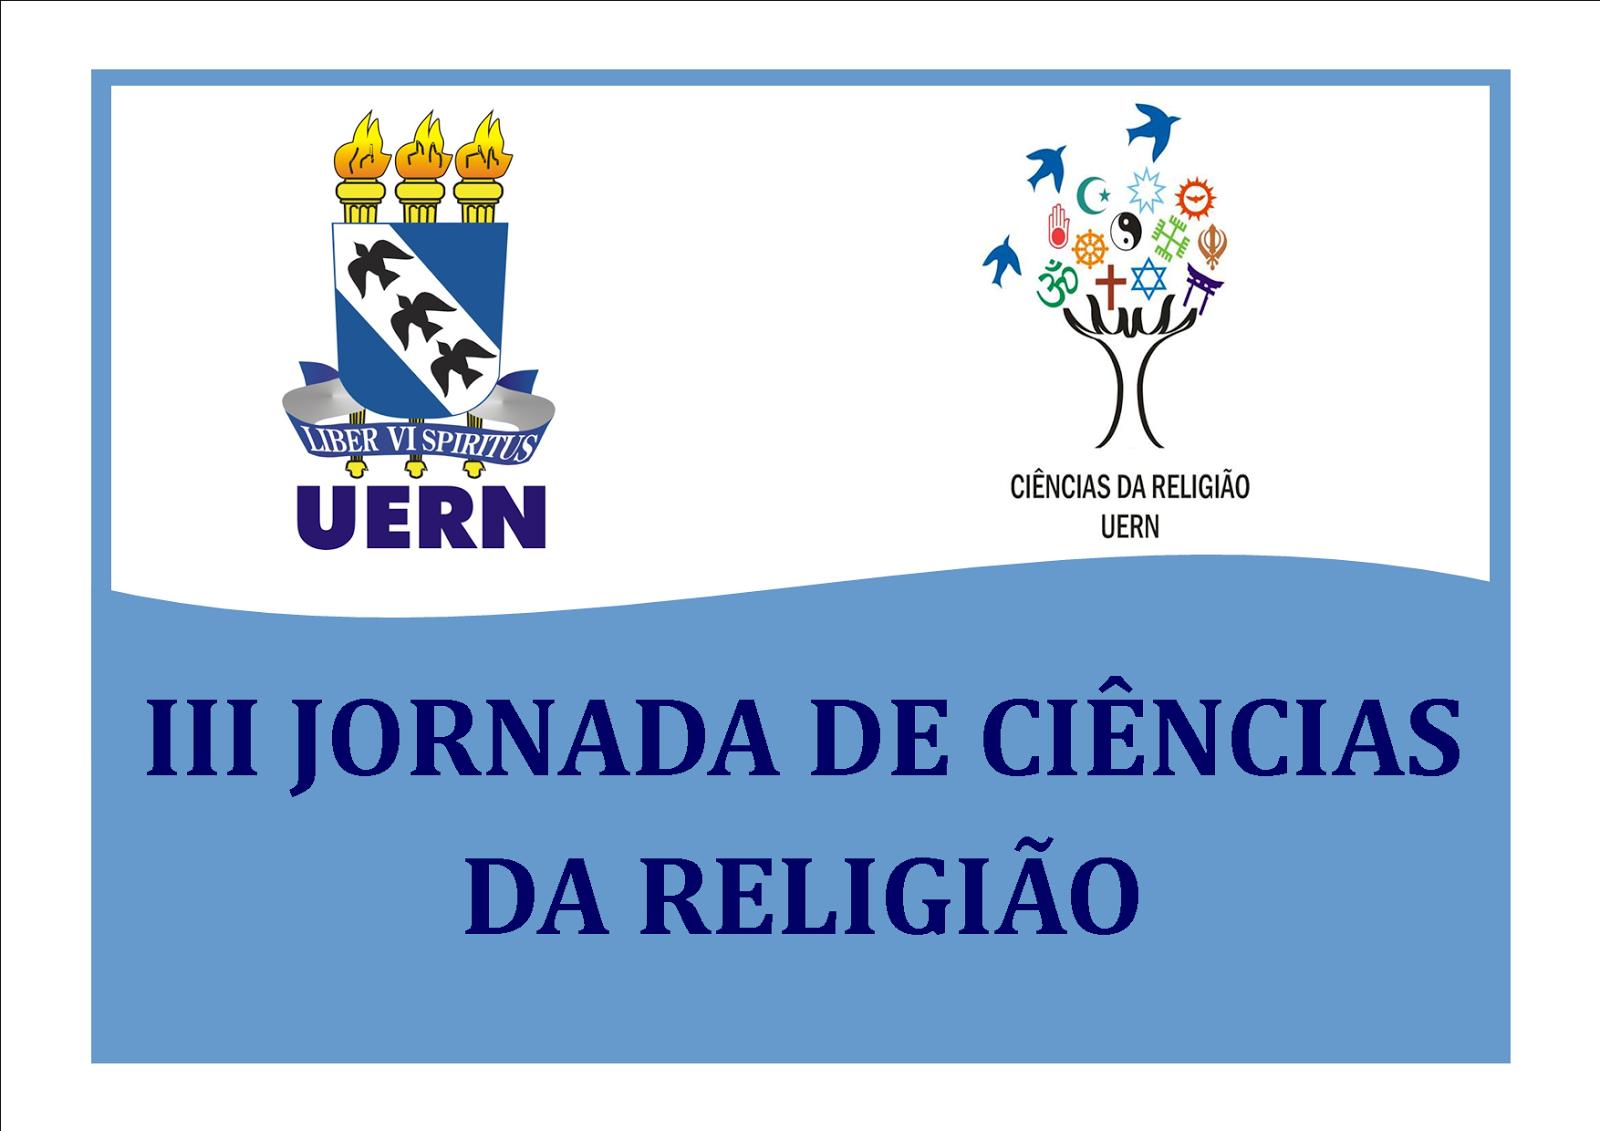 III Jornada de Ciências da Religião